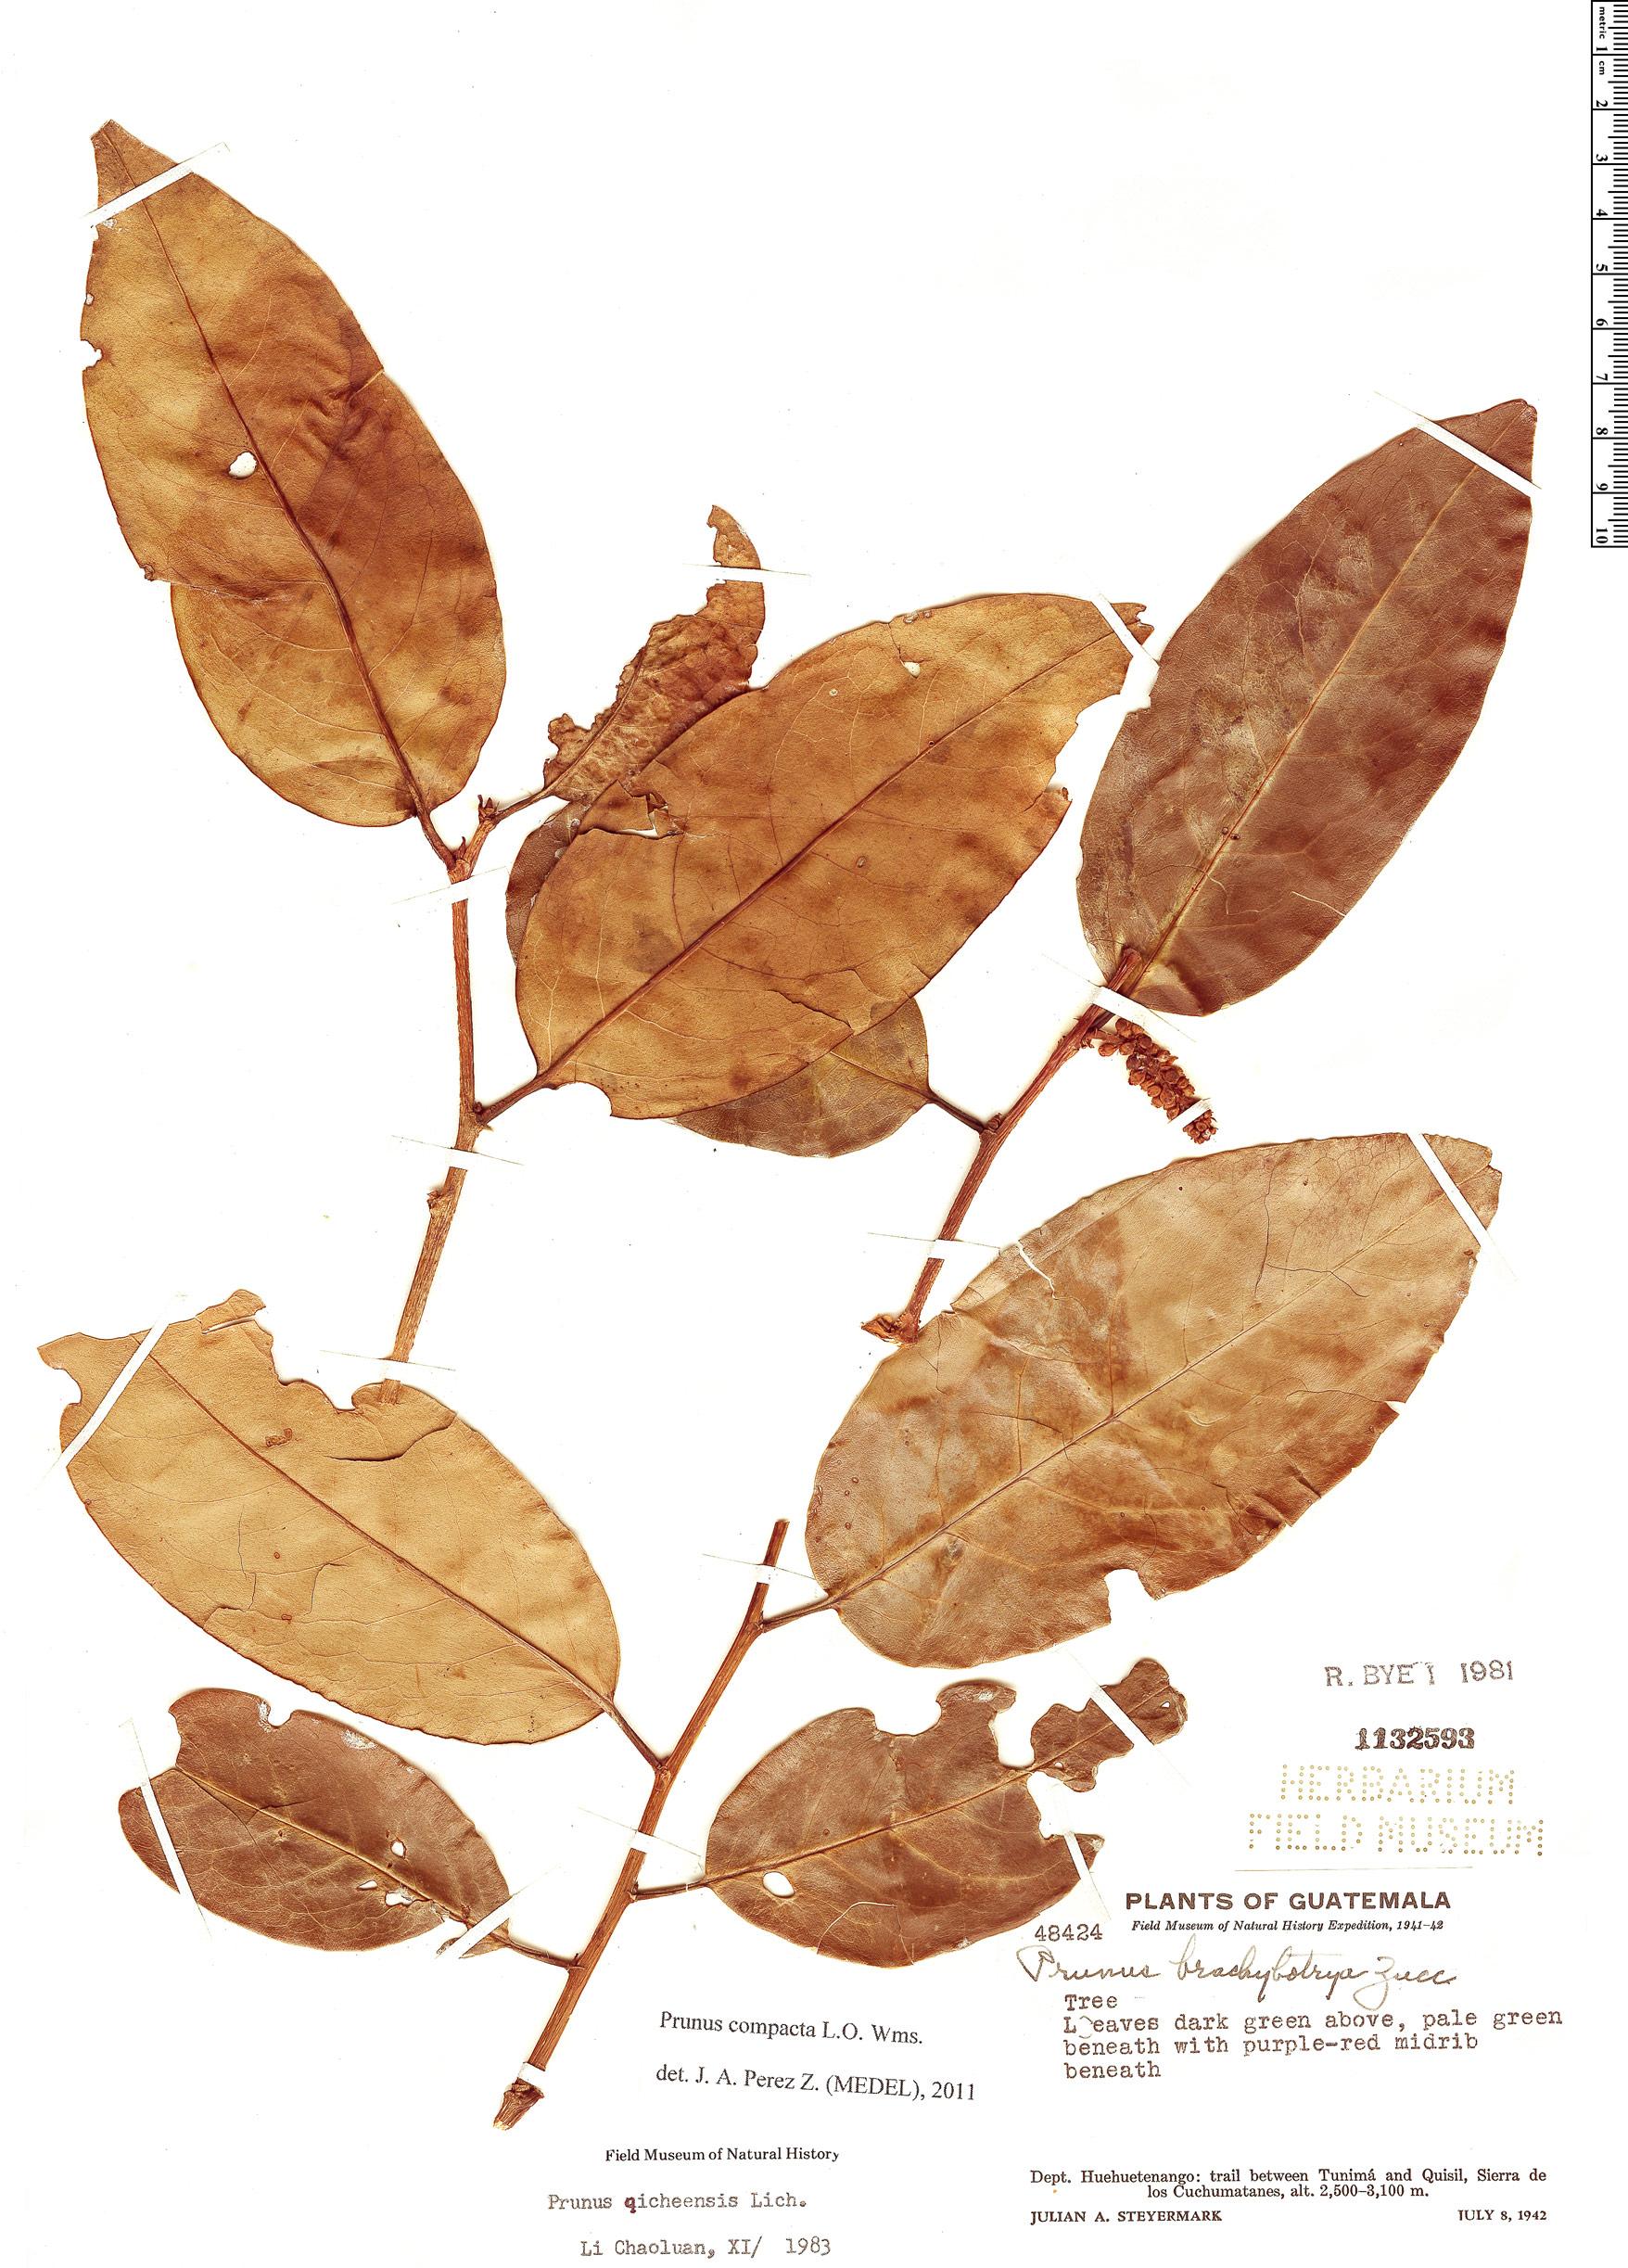 Specimen: Prunus compacta